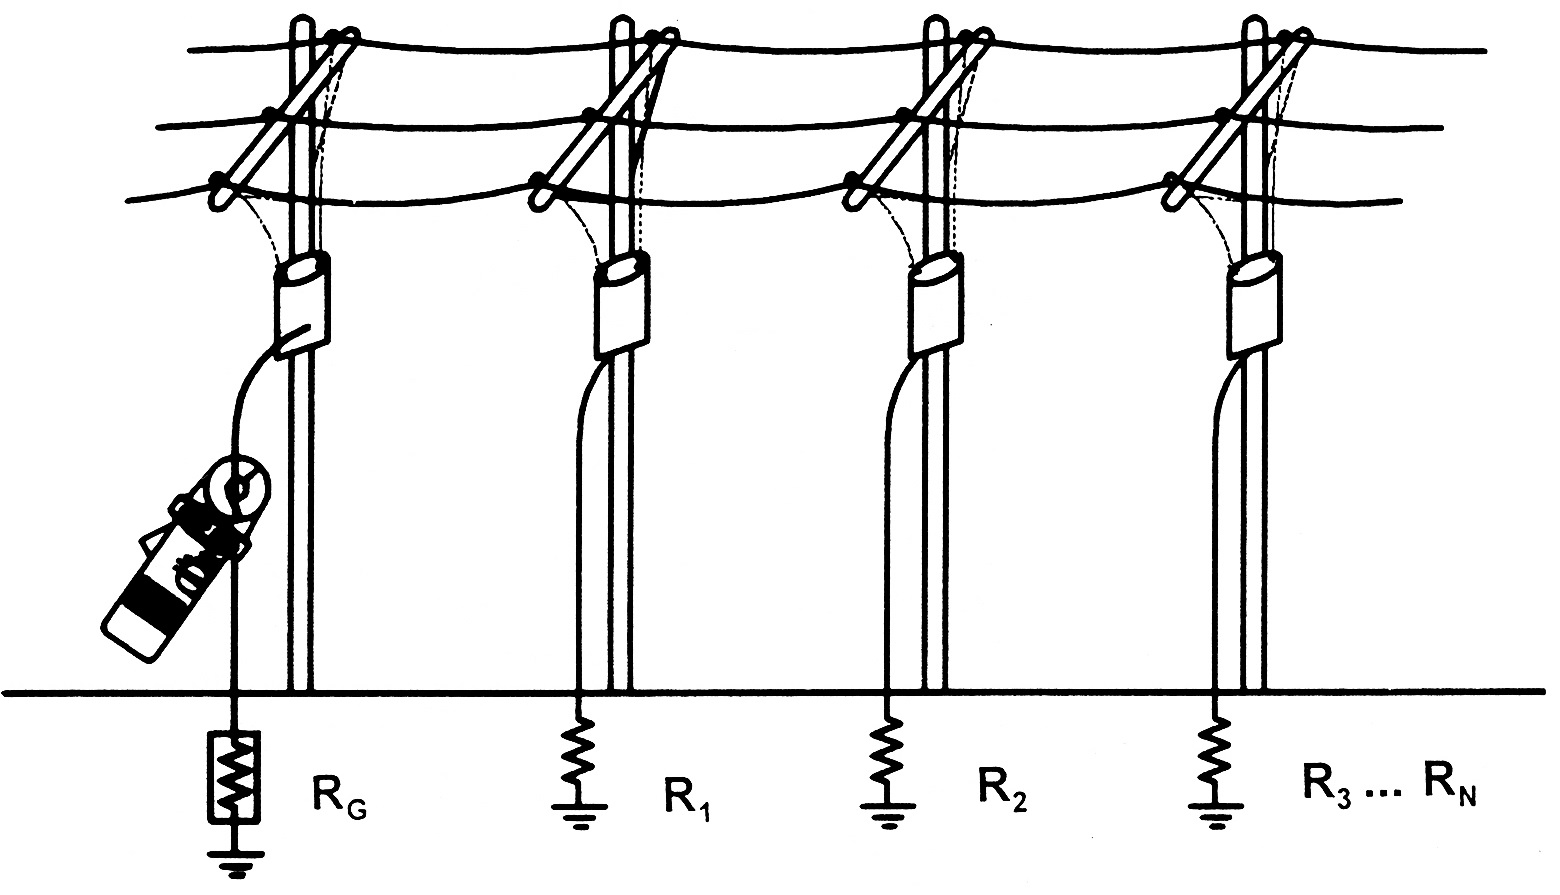 aktakom atk-4001 clamp meter